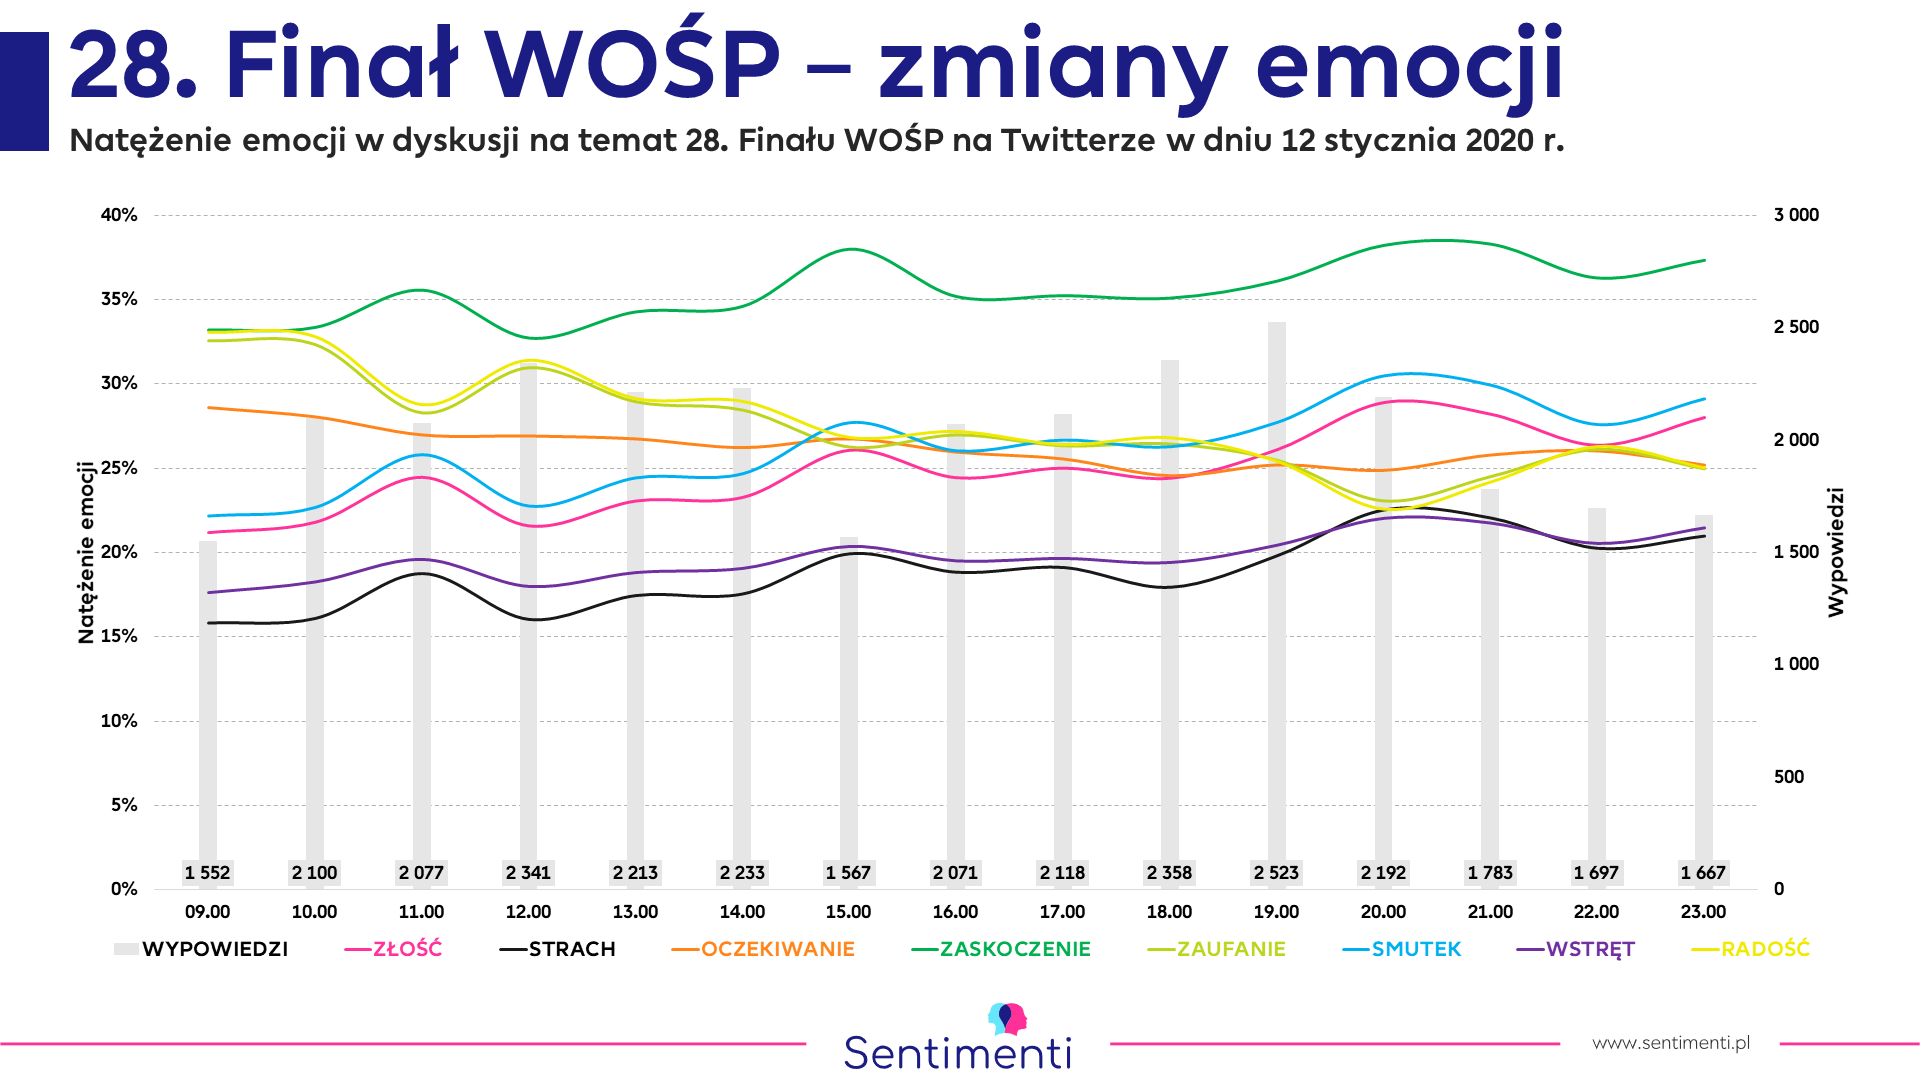 wośp owsiak analiza emocji monitoring mediów emocje rodzaje